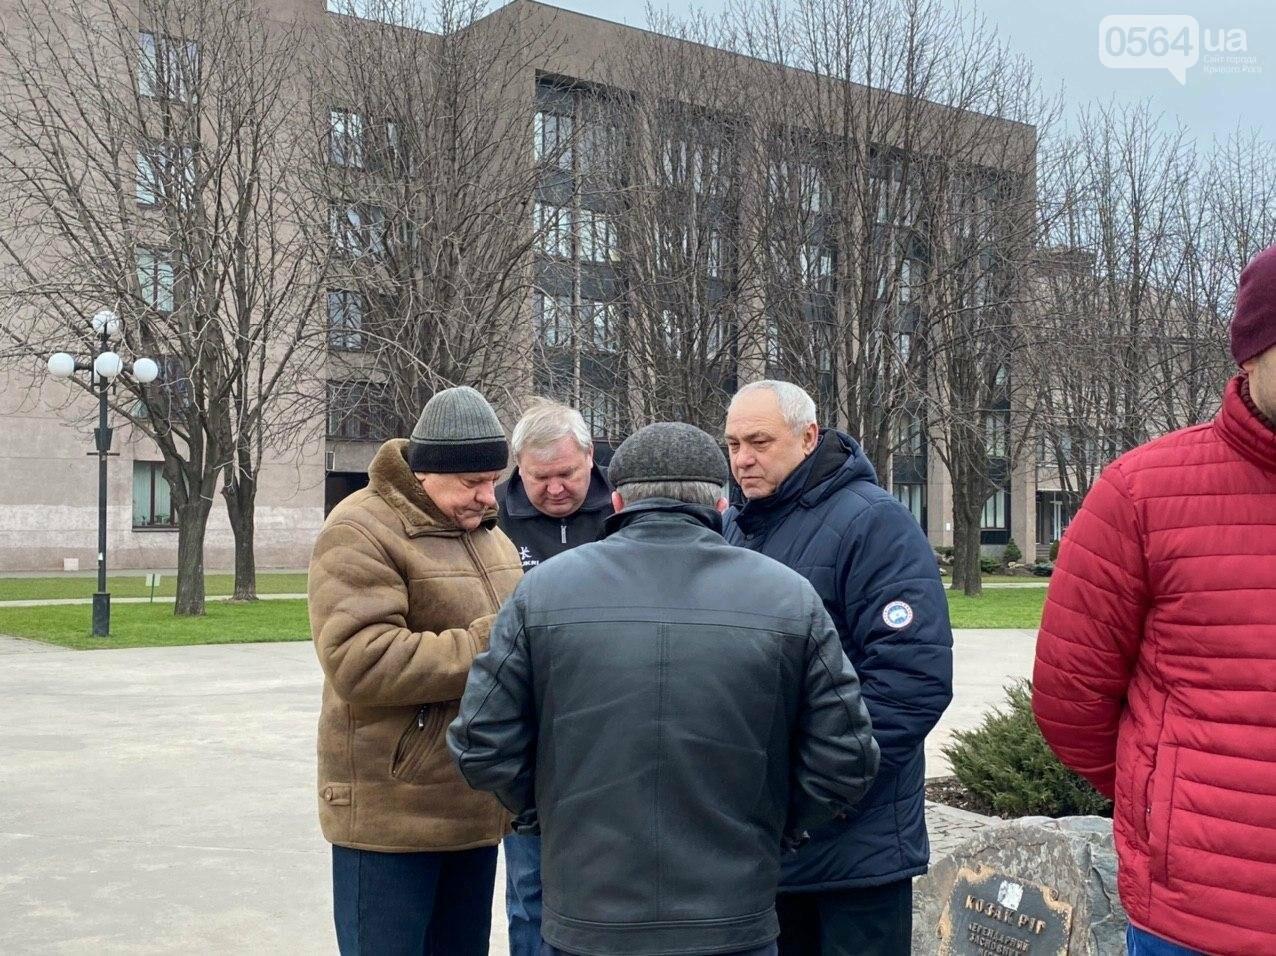 Криворожане записали видеообращение к земляку-президенту и рассказали, как ему убивают рейтинги в городе, - ФОТО, ВИДЕО , фото-7